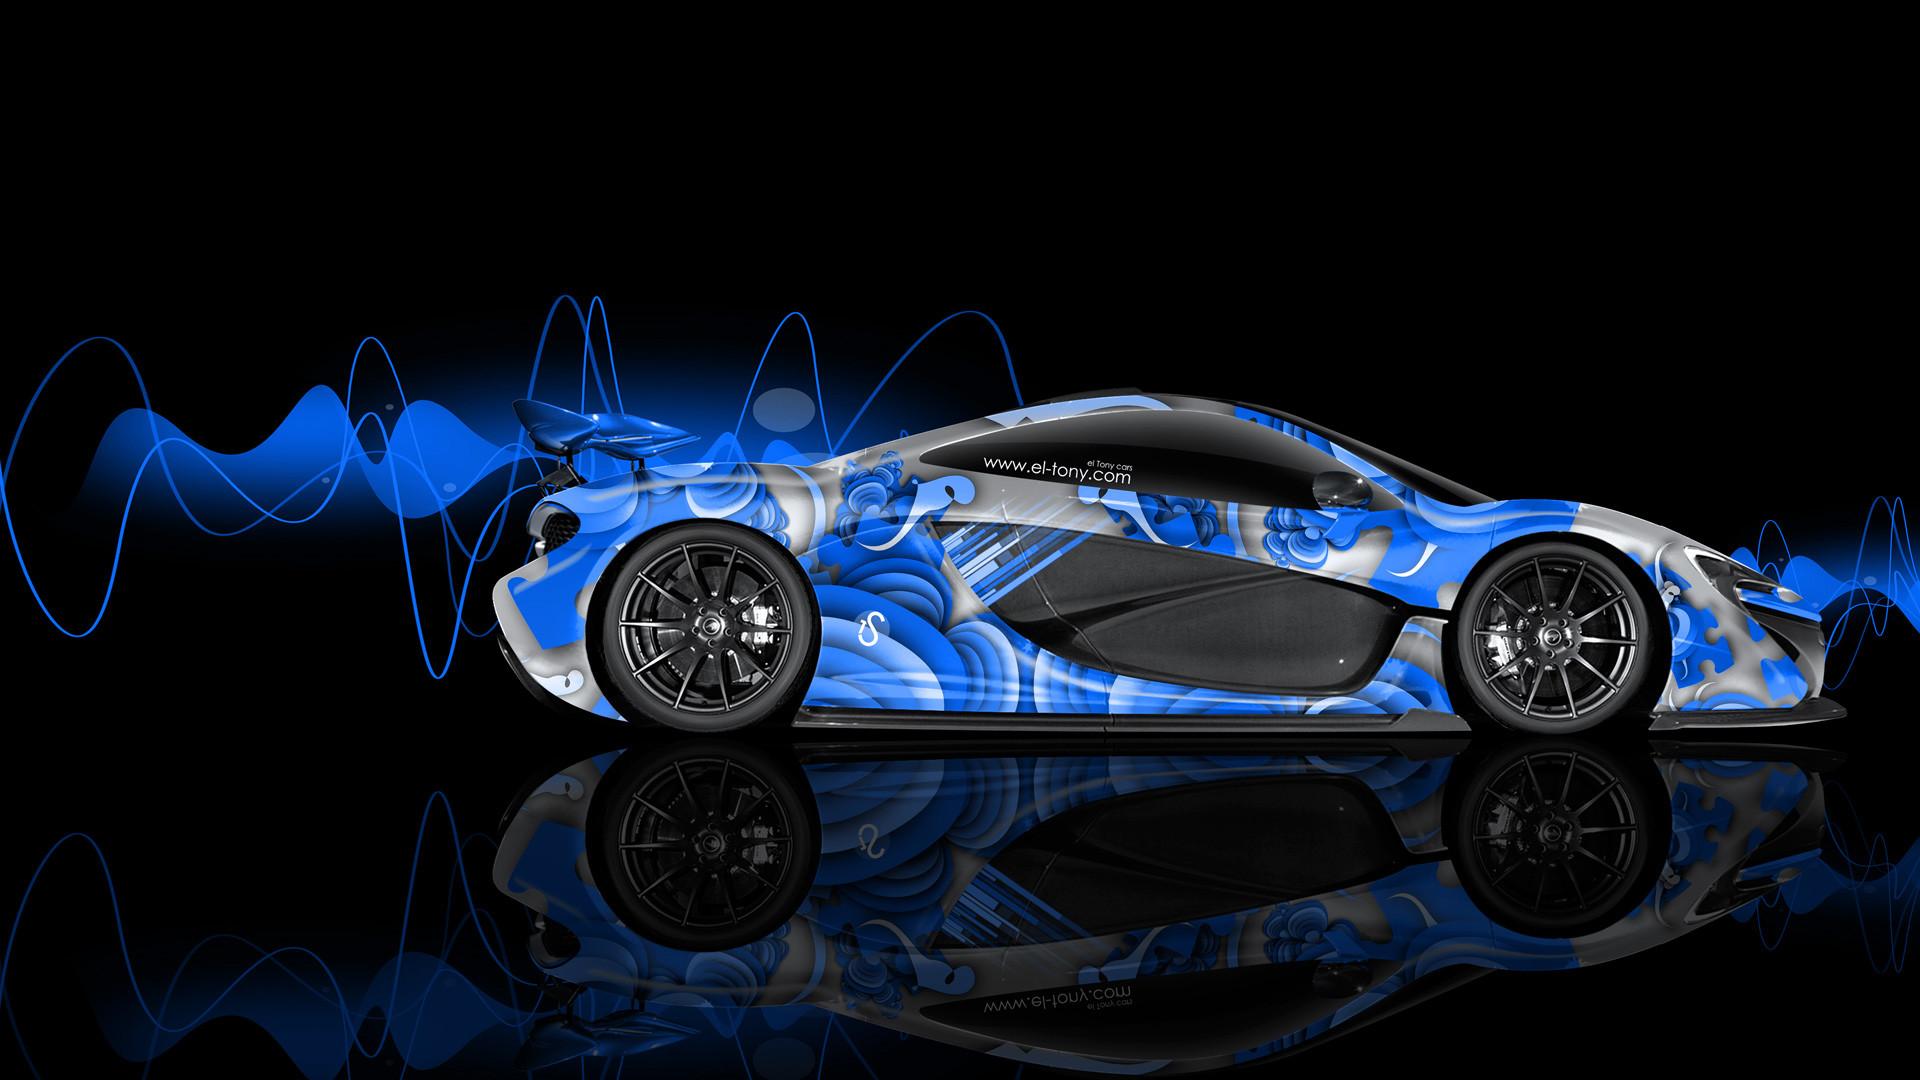 McLaren P1 in Blue wallpapers (35 Wallpapers)